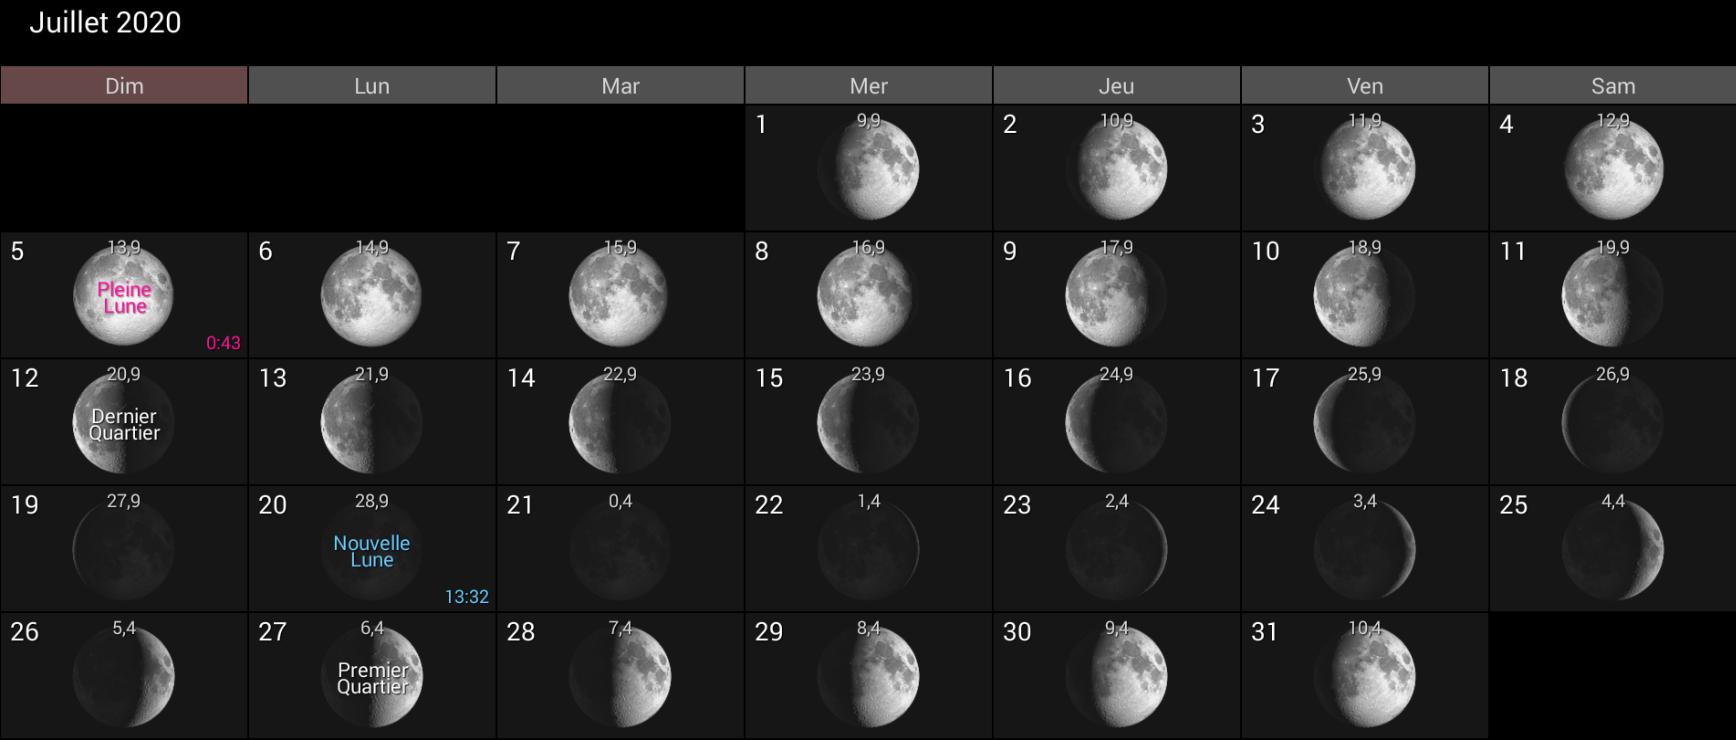 Calendrier Lunaire 2020.Ephe Juillet 2020 Societe D Astronomie Du Planetarium De